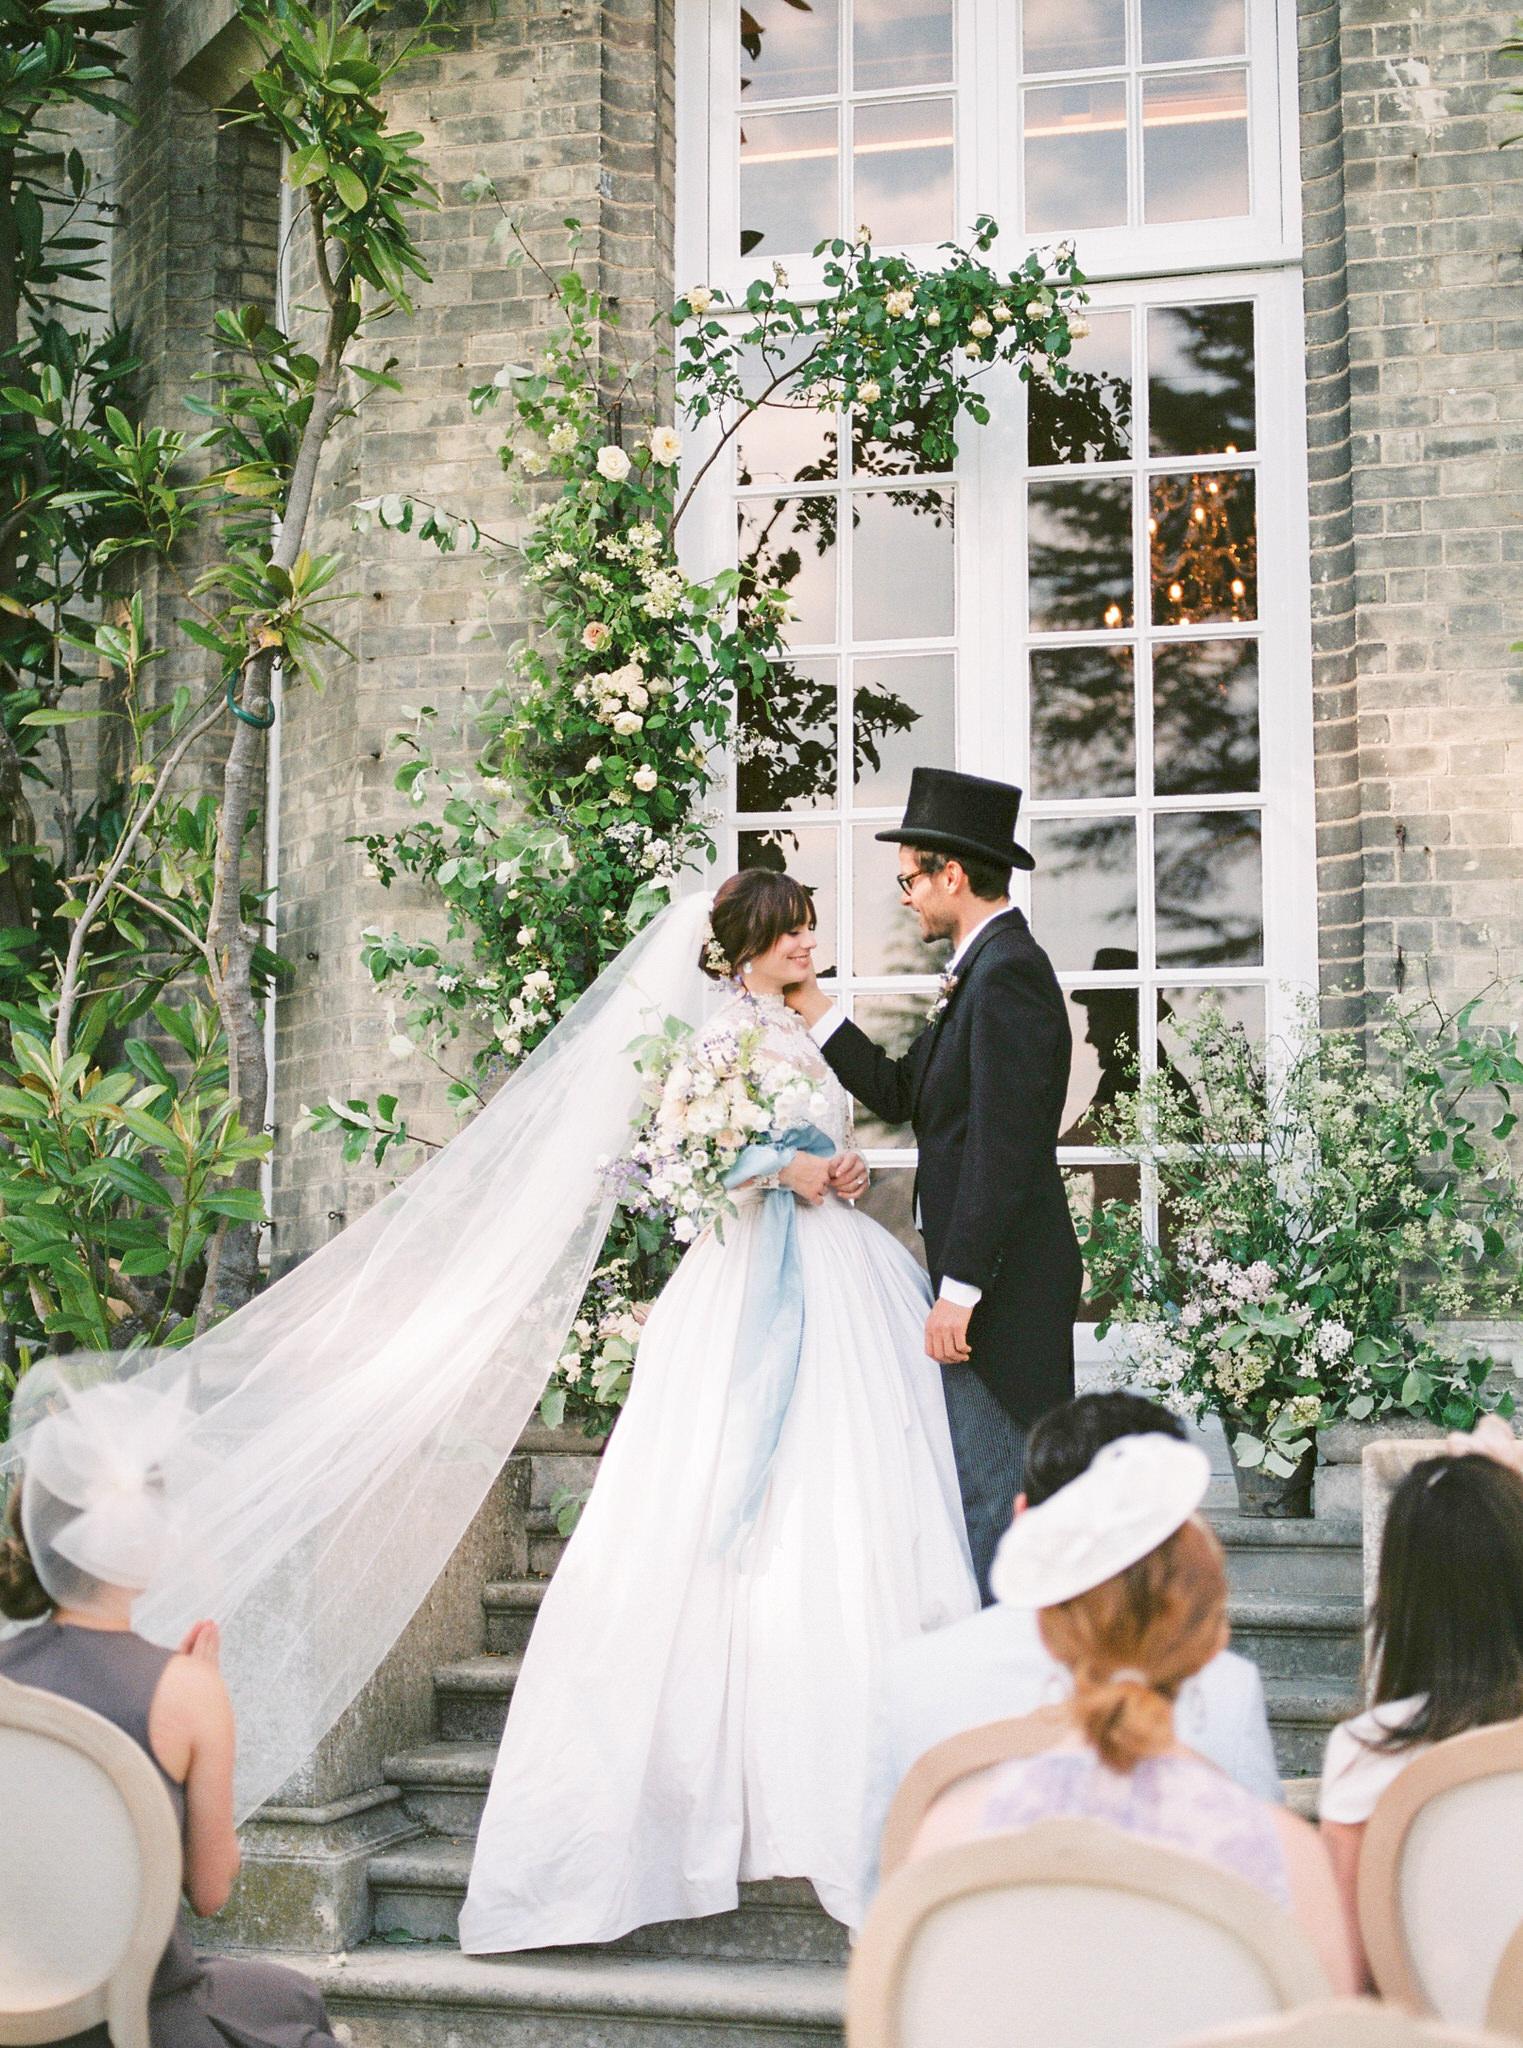 HedsorHousewedding_byJoseChan_251